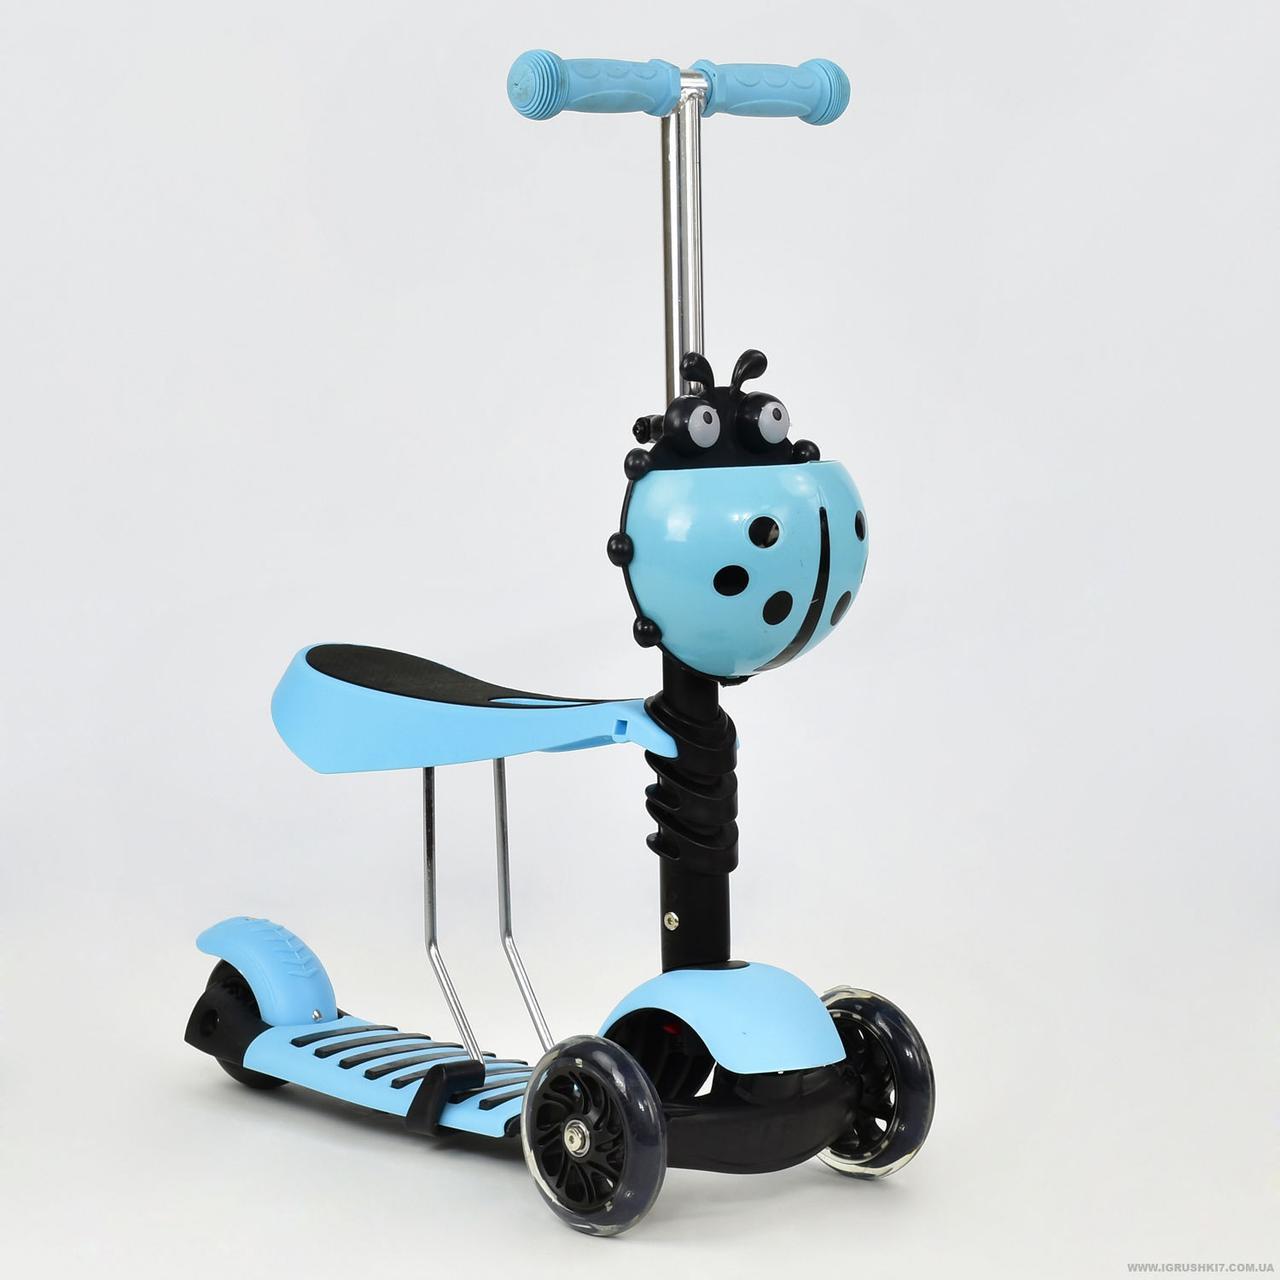 Детский самокат Scooter 3в1 , сиденье, корзинка, А 24671 - 1060  голуб